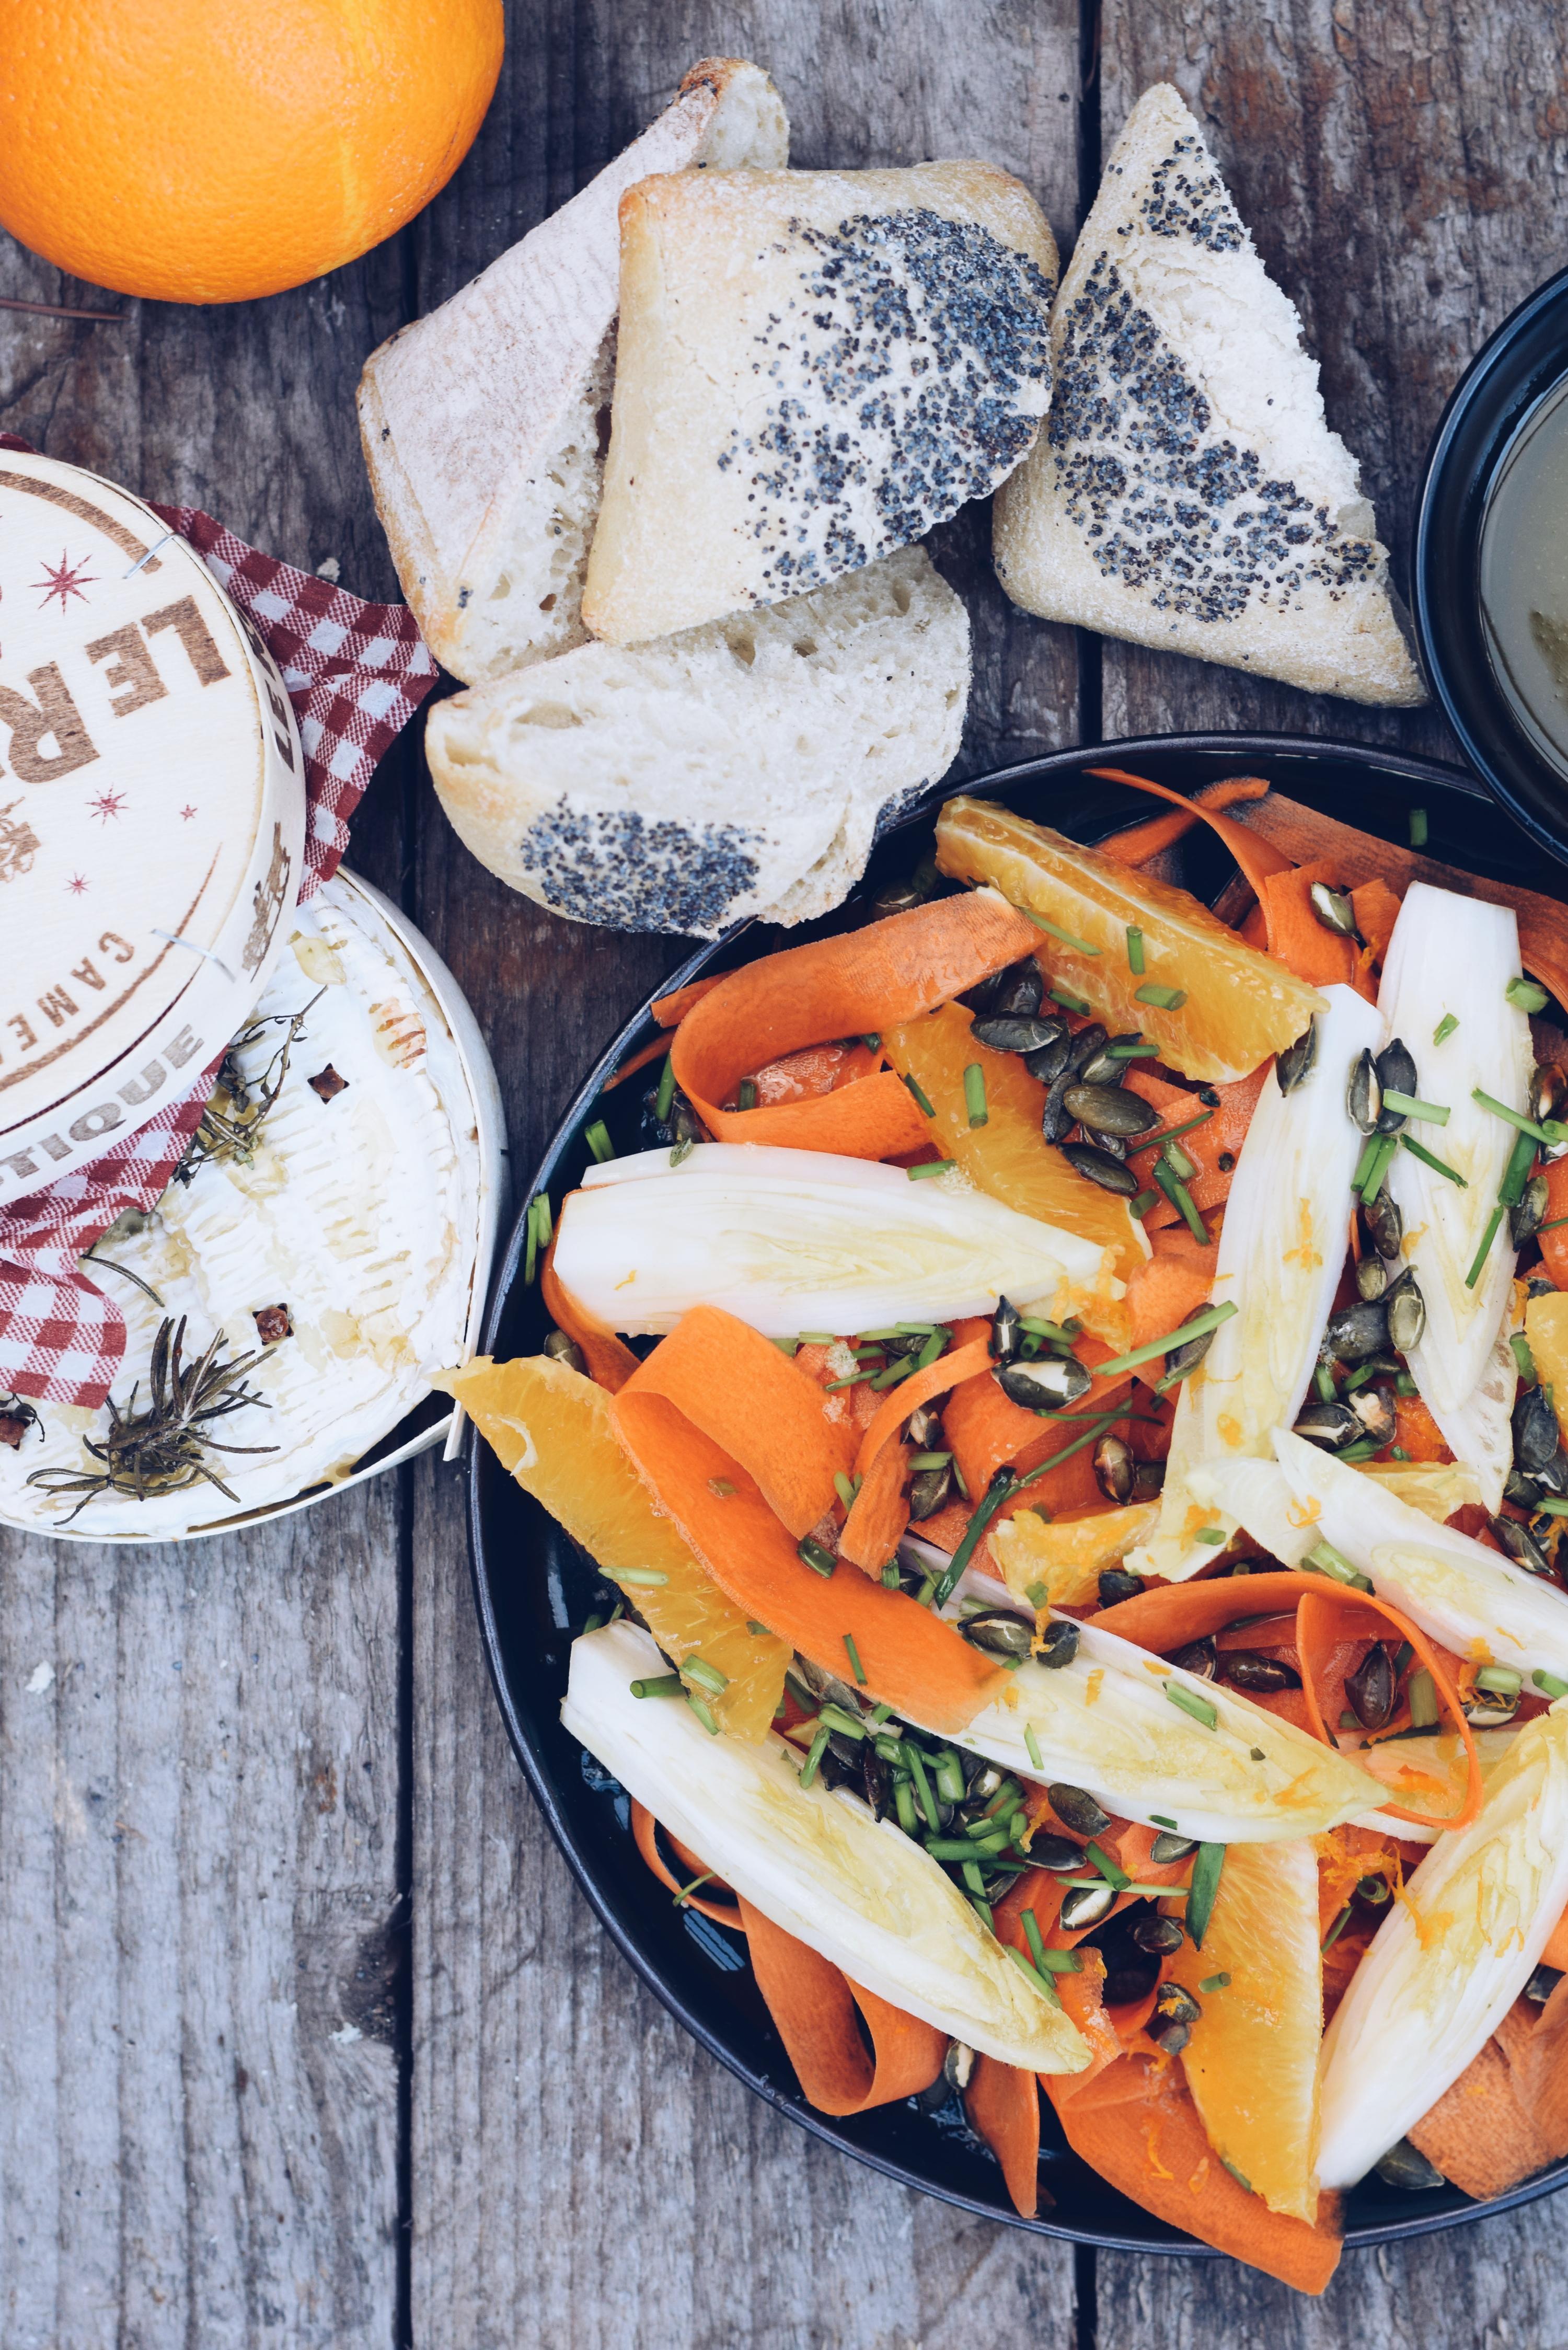 Wortelsalade met sinaasappel, witloof, citroen/honing dressing en camembert uit de oven